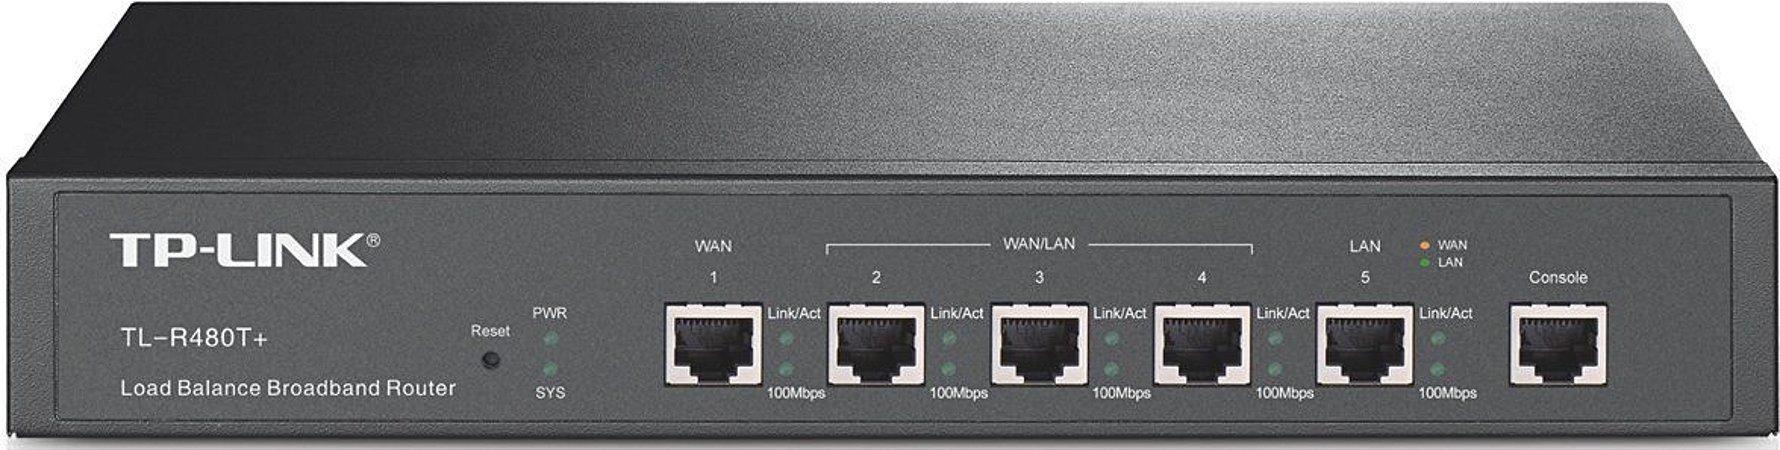 Roteador Load Balance Tp-link TL-R480T+ (Rack)